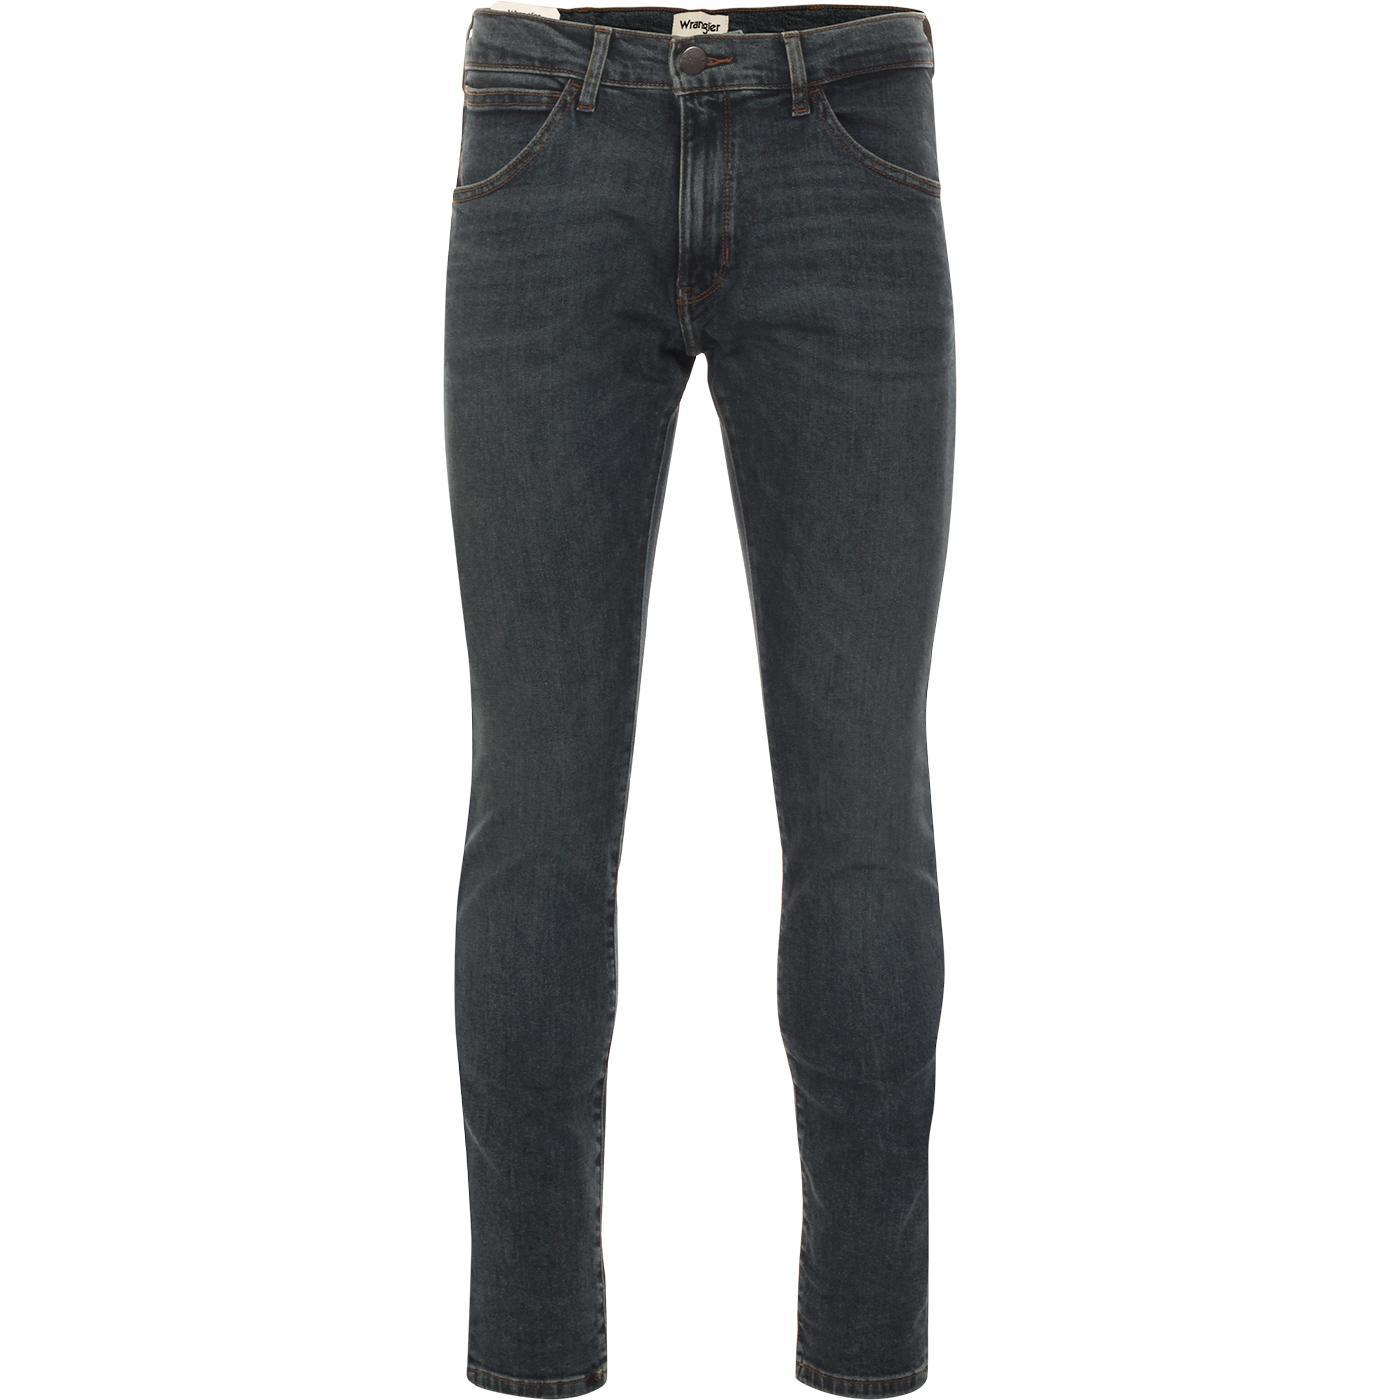 Bryson WRANGLER Retro Skinny Denim Jeans GN